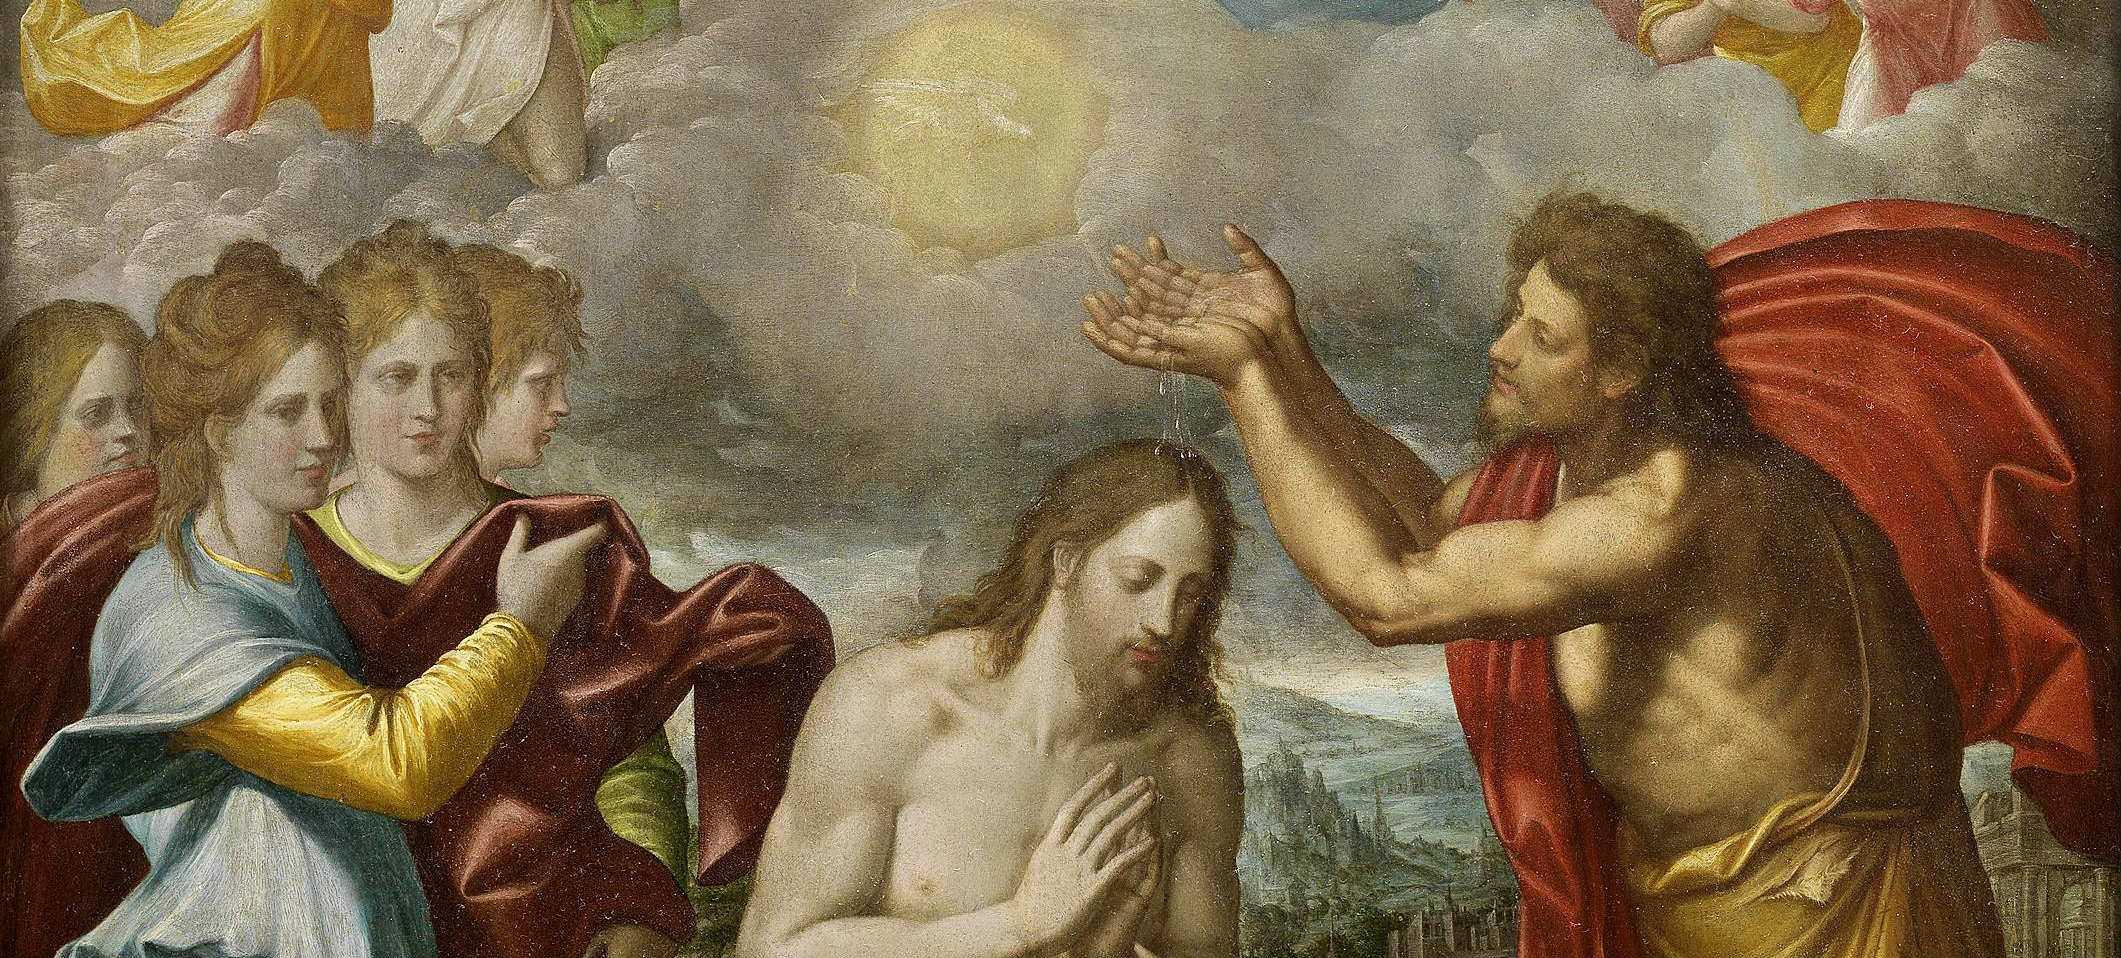 Domenica del Gaudete – Gioa dell'Avvento e Giovanni Battista